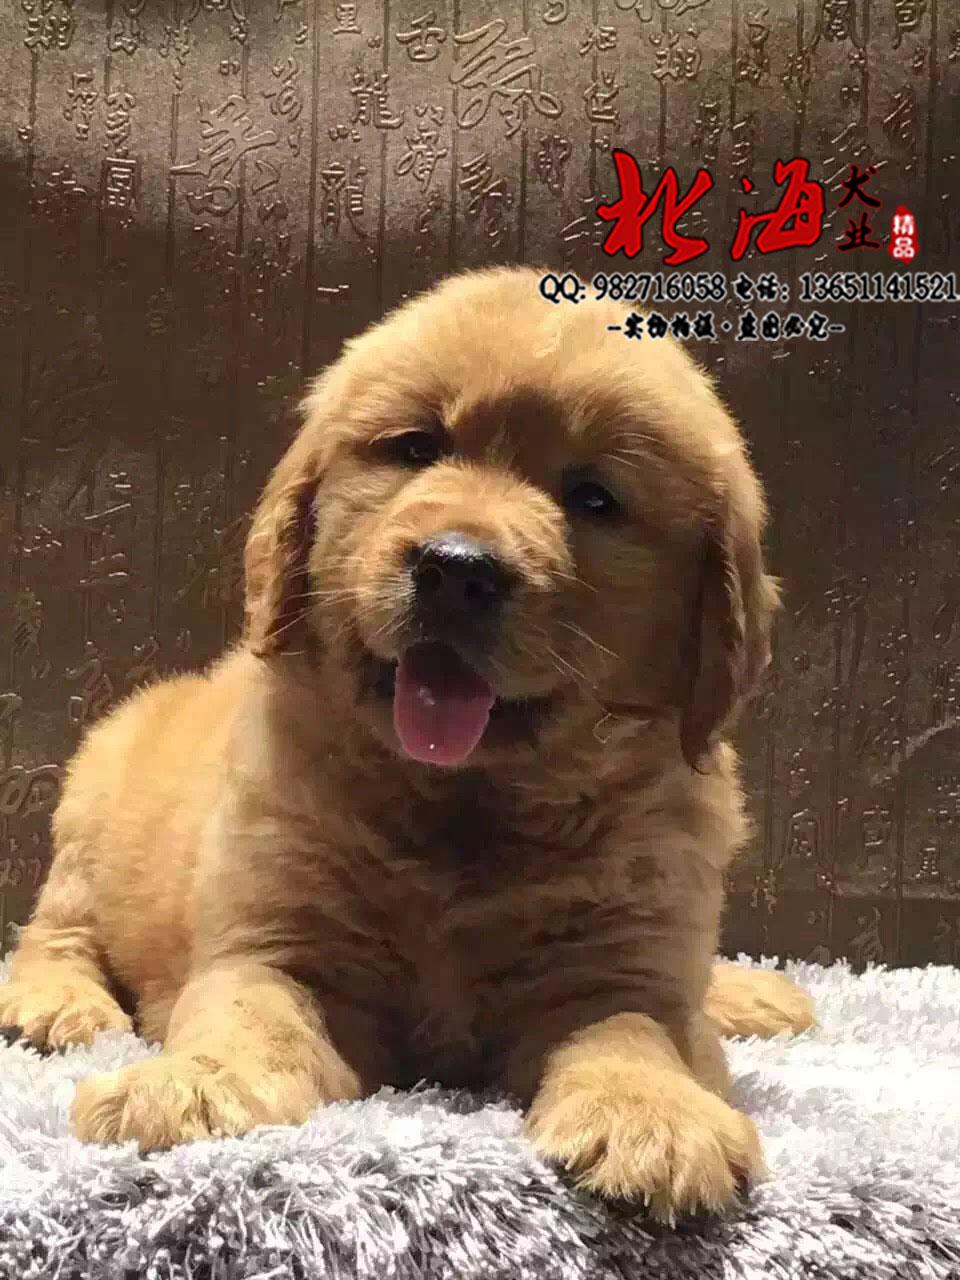 纯种金毛犬多少钱一只 不同地区金毛犬价格不同